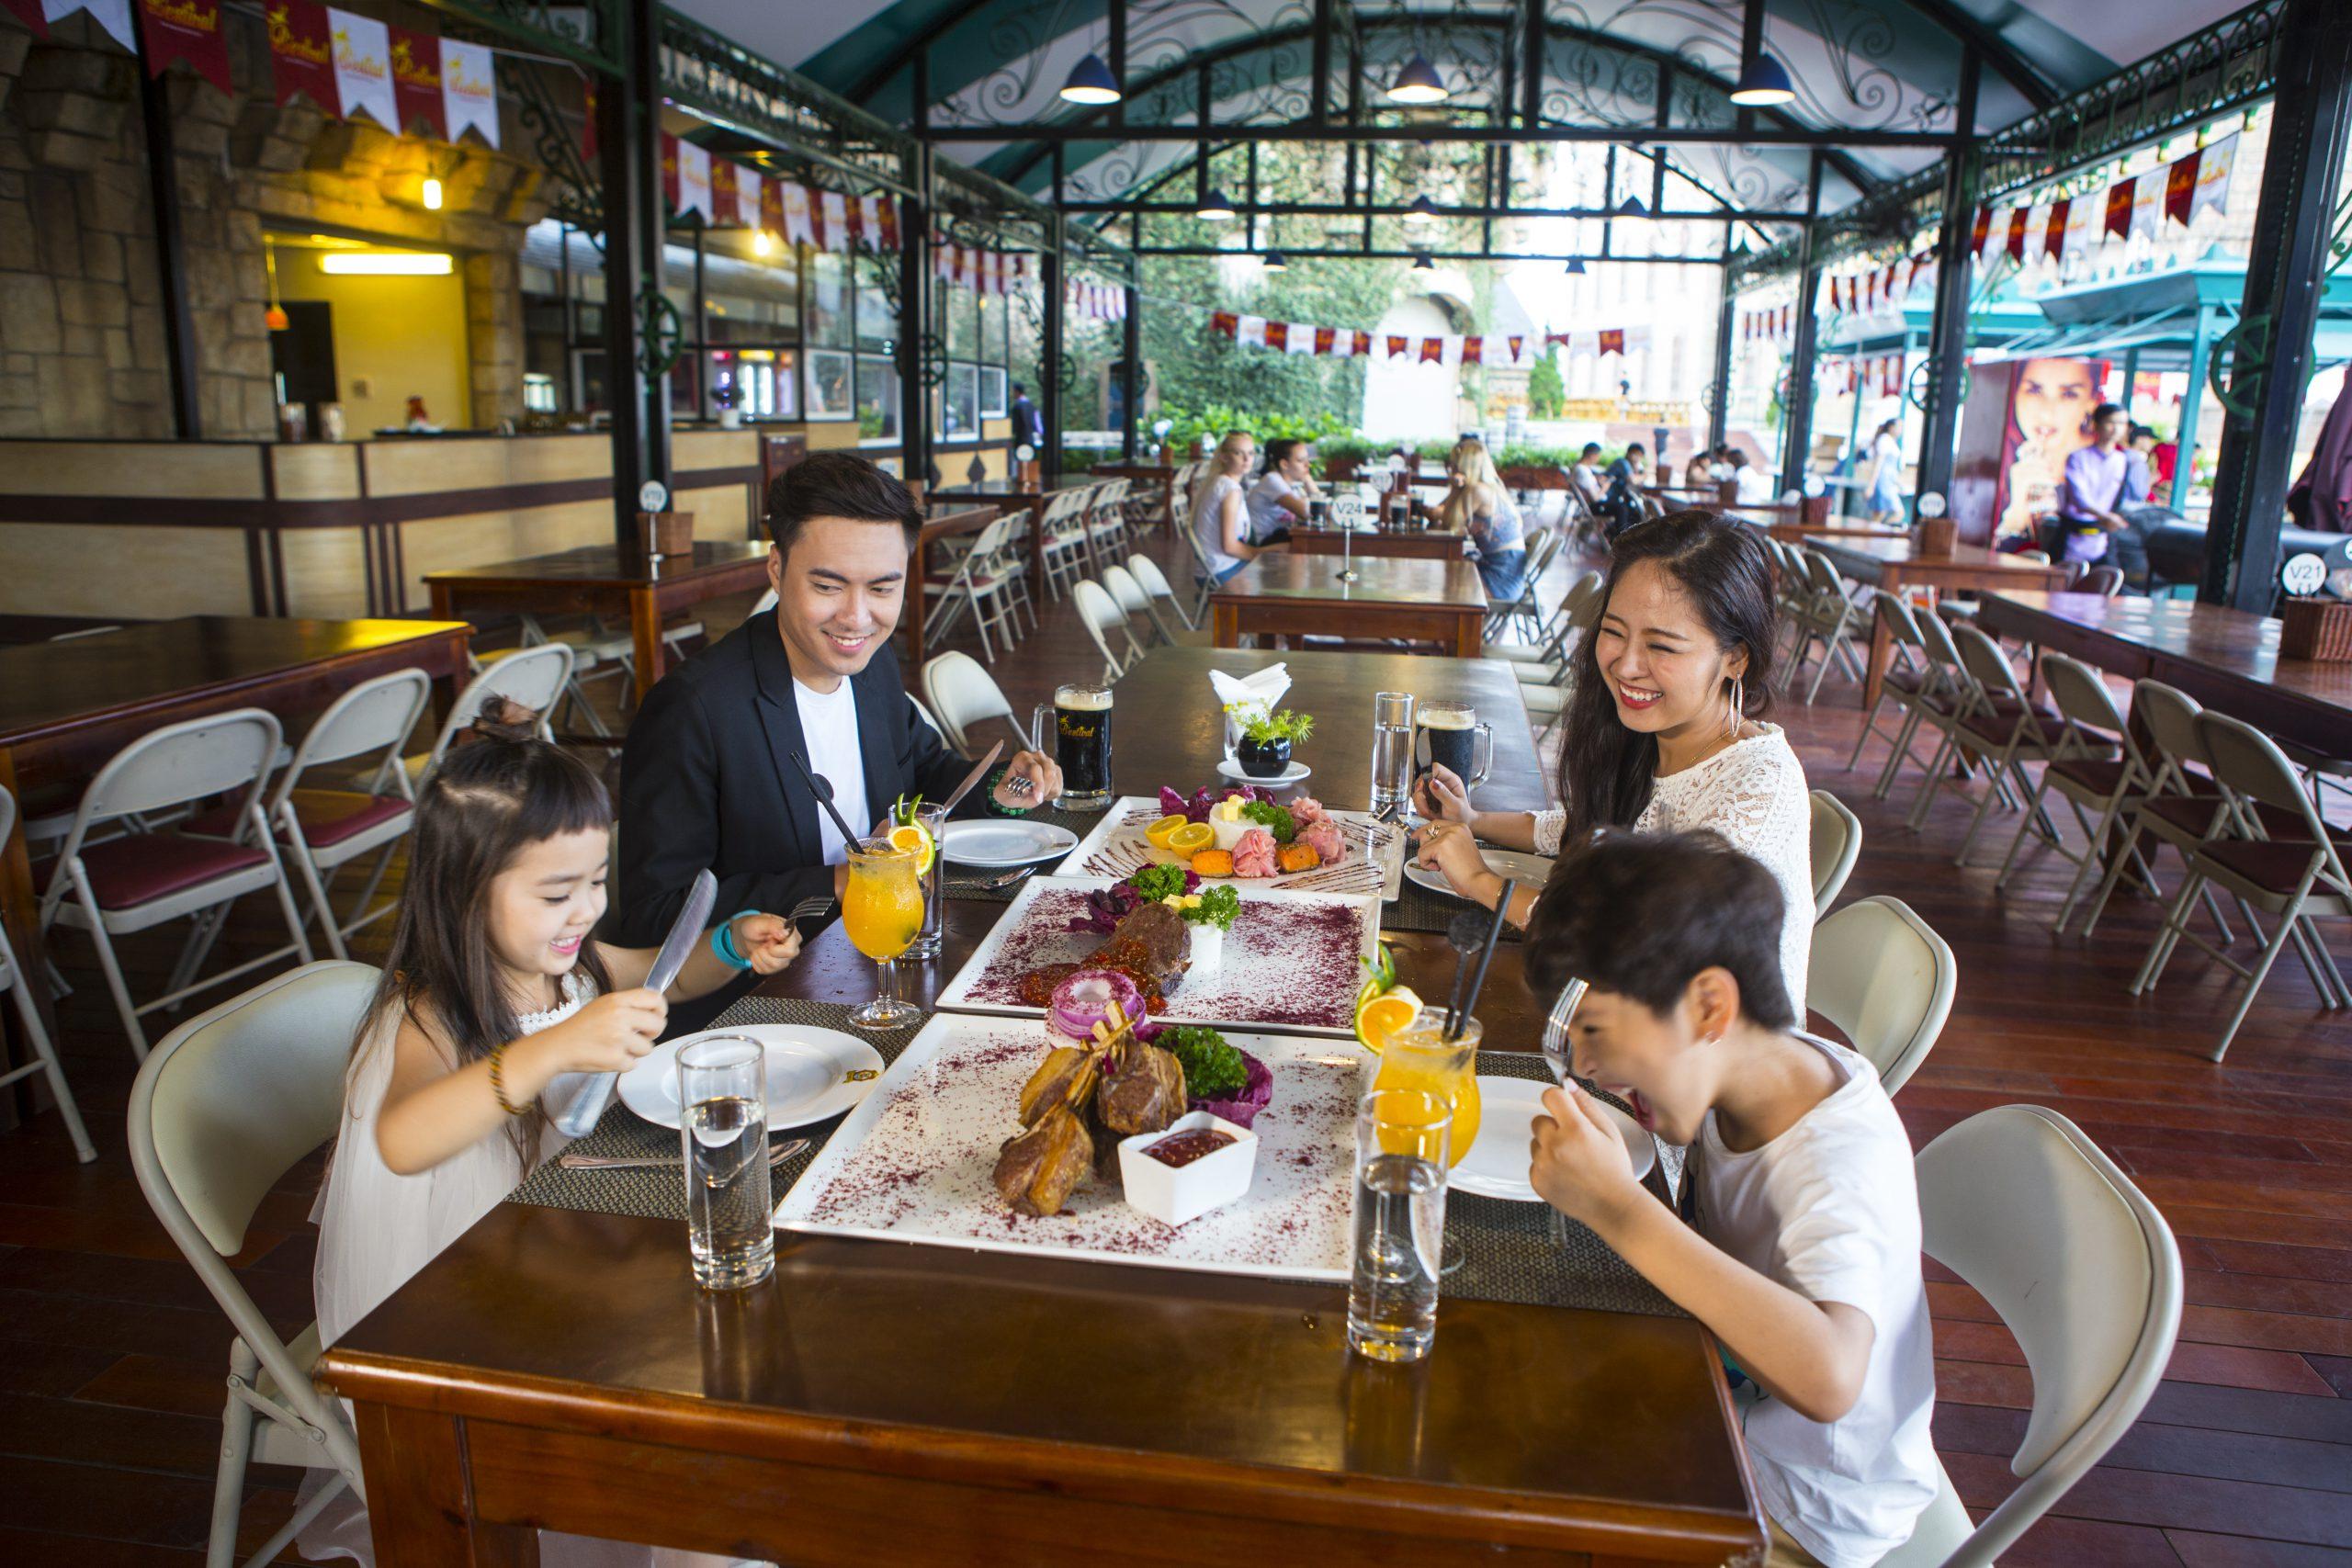 رستوران های دهکده تفریحی سان ورلد دانانگ